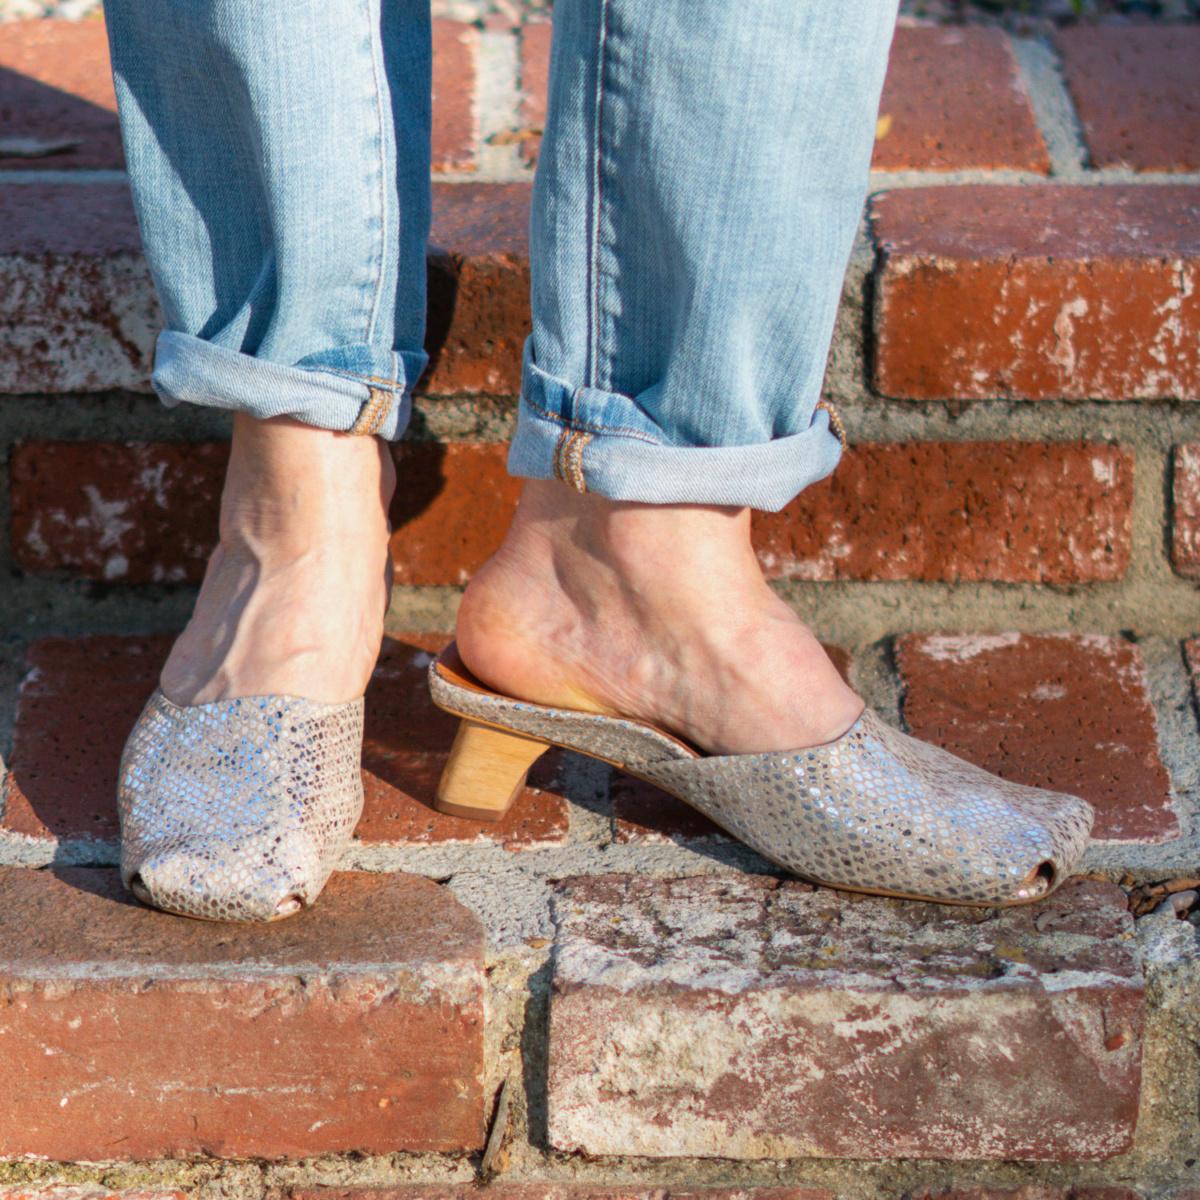 Detail: Susan B. of une femme d'un certain age wears L'Amour des Pieds mules and cuffed jeans.